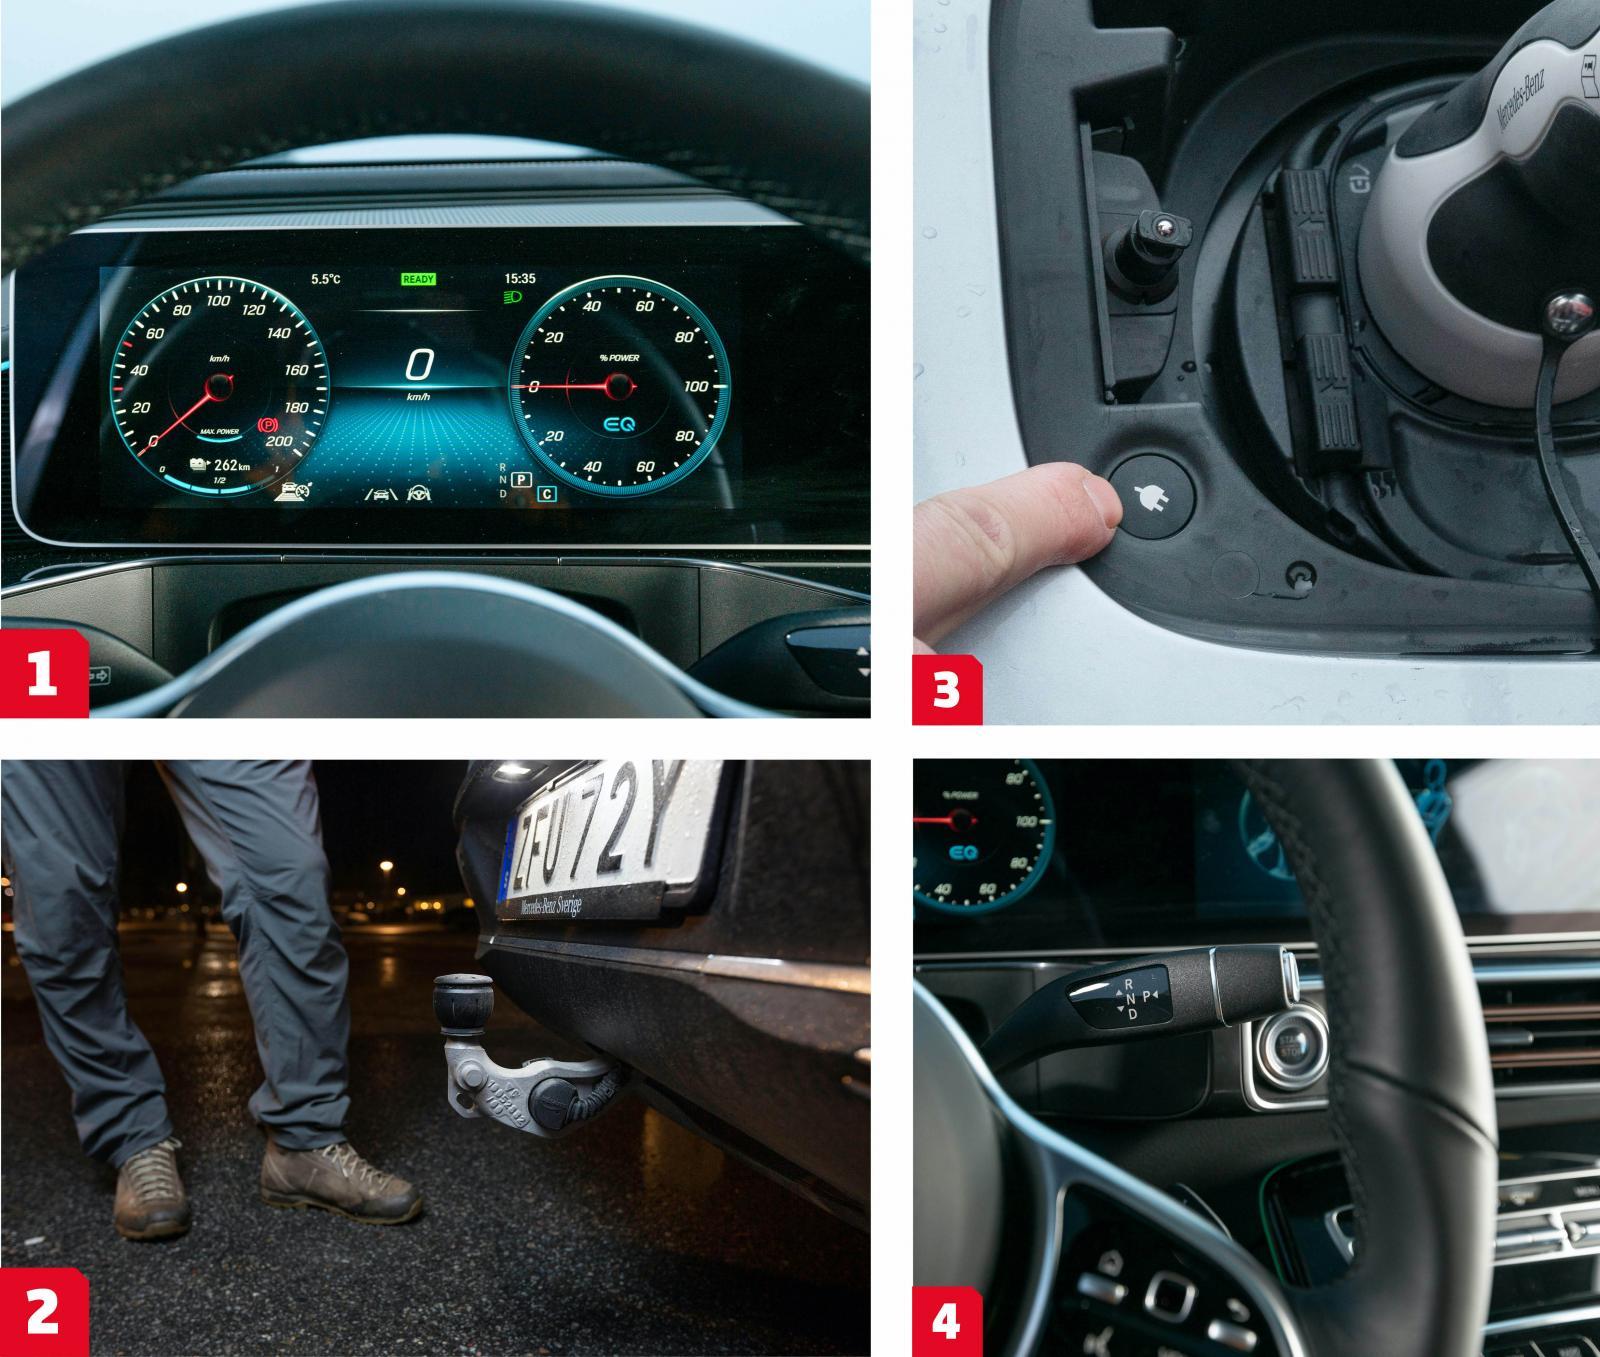 1. EQC använder samma skärmlösning som i övriga MB-familjen. Samma grafik, samma funktion och samma kritik: instrumenttavlorna är i minsta laget för att vara tydliga.  2. Elektriskt utfällbar dragkrok, unikt i elbilsvärlen. (Tesla och Audi har avtagbara drag.)  3. Föredömligt enkelt att låsa upp och lossa sladden, förutsättningen är att bilnyckeln finns inom räckhåll.  4. Titta på växelspaken till höger. Även knappsatsen till sidospeglar och elhissarna lånas från Stuttgart. I utbyte fick Mercedes använda Teslateknik i numera nedlagda B-klass Electric Drive.